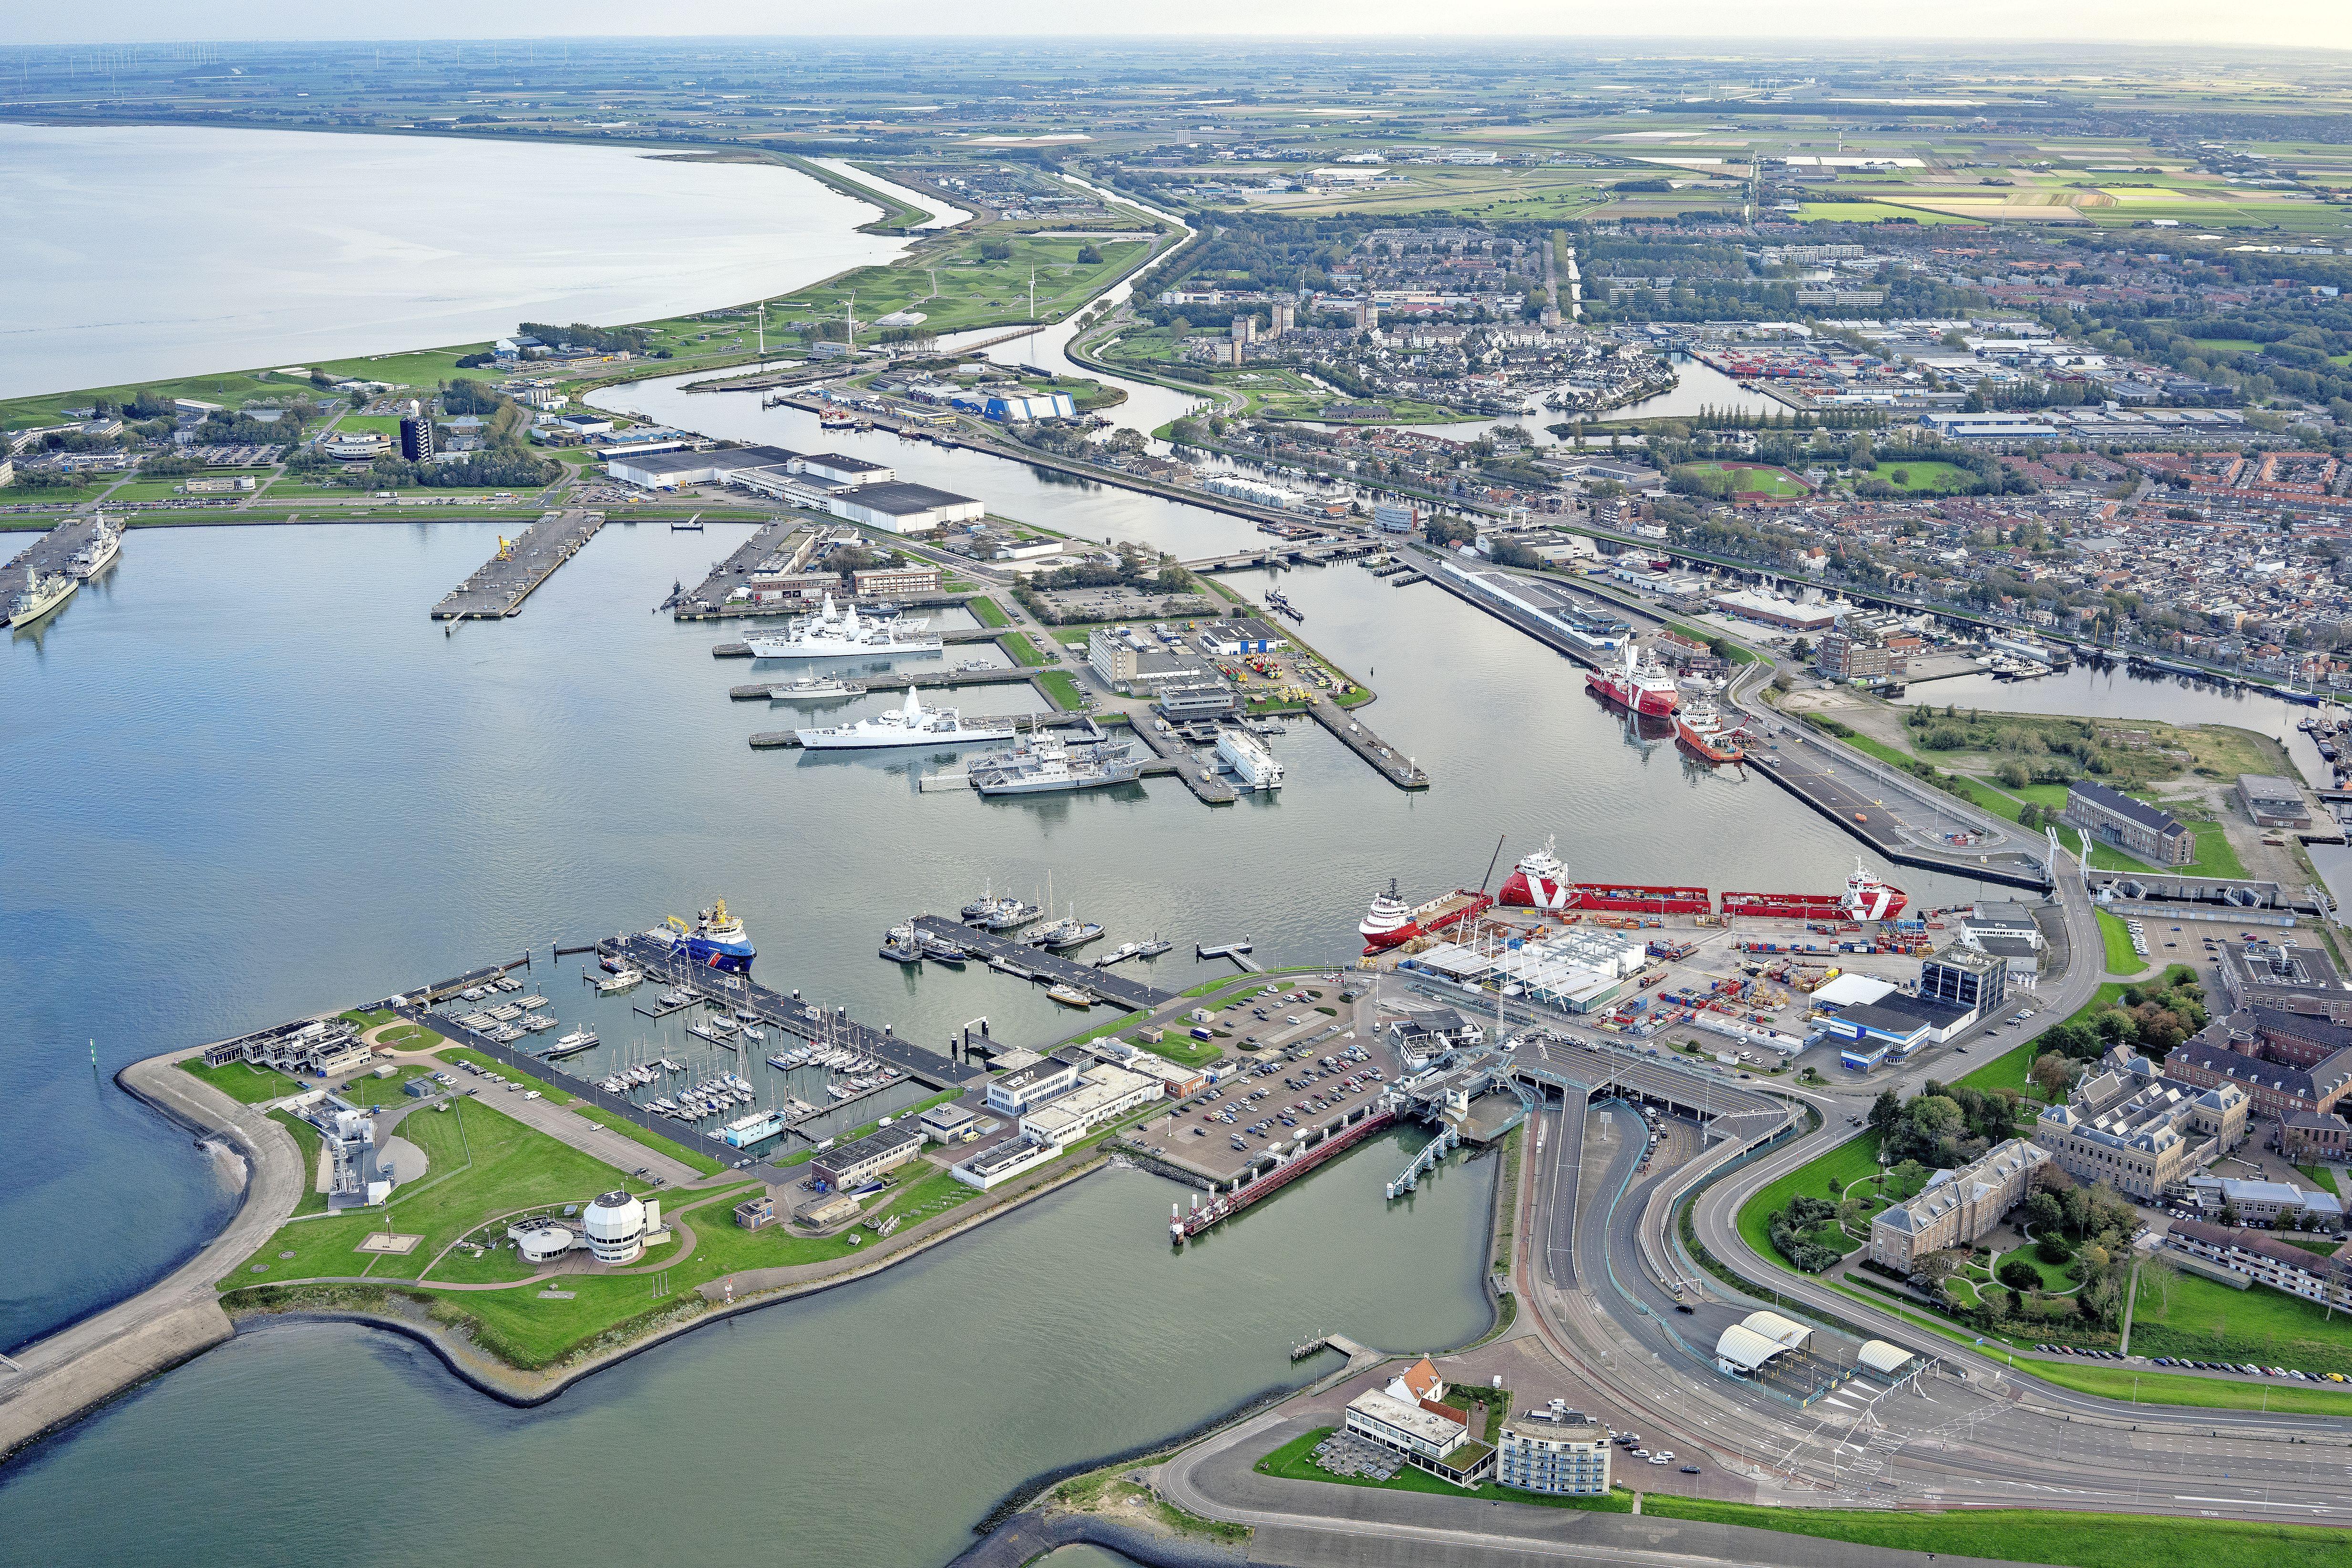 Publiek is niet welkom bij vergaderingen van de begeleidingscommissie onderzoek Port of Den Helder. De gemeenteraad bewijst zichzelf en de stad daarmee geen dienst | Opinie